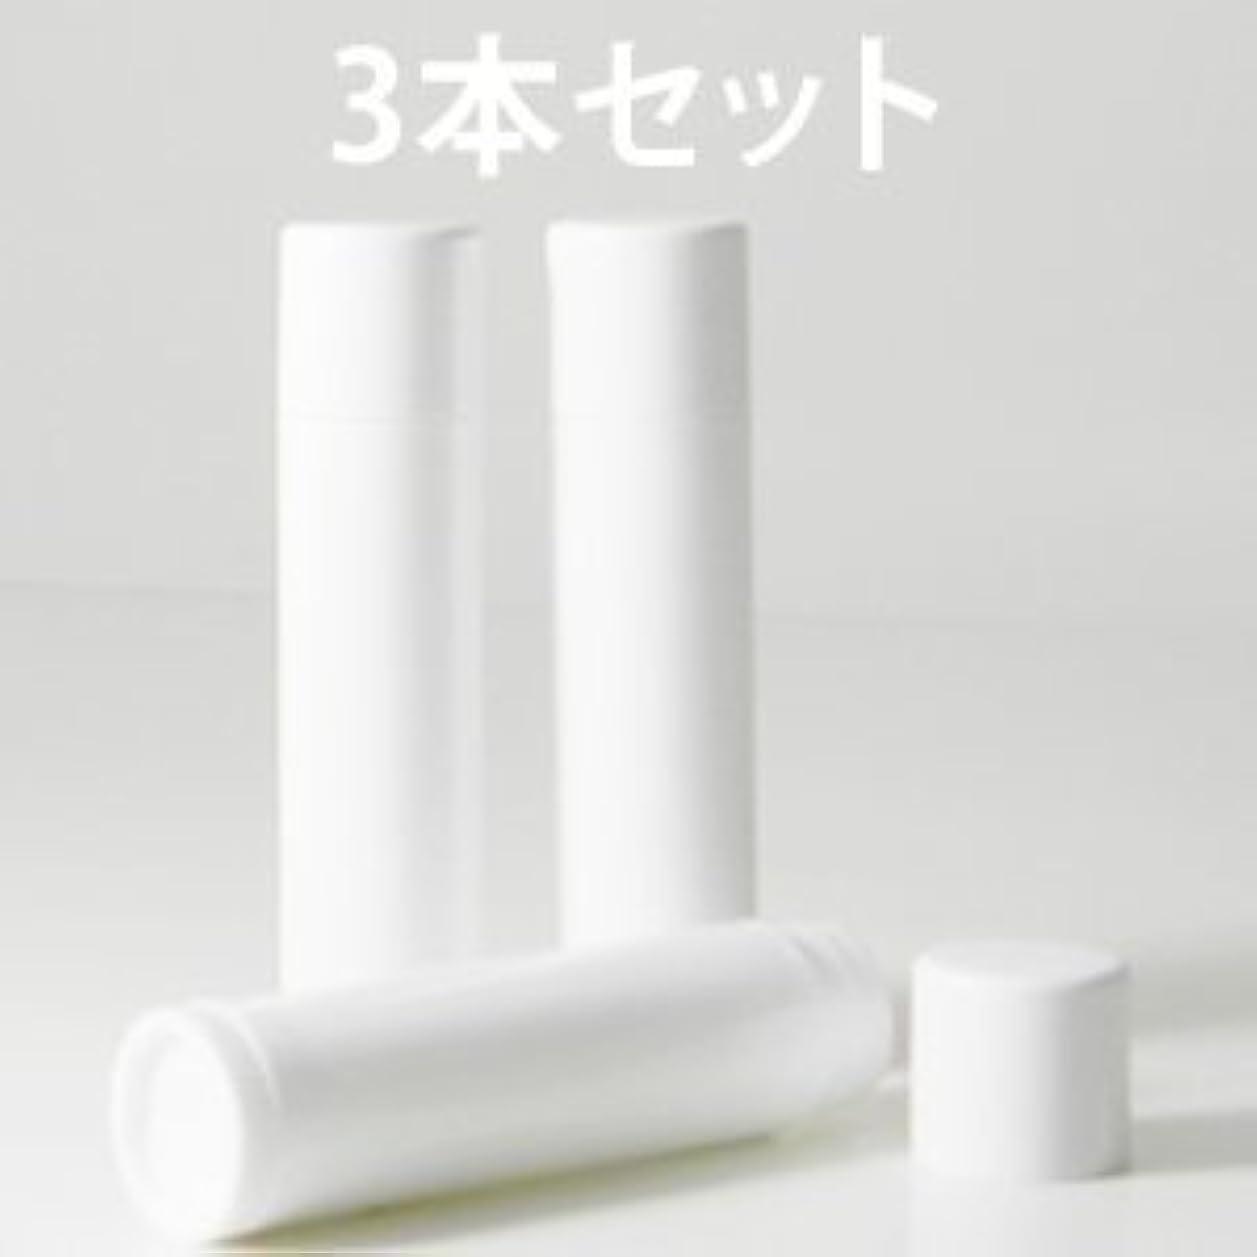 チャットギャザー嘆くリップバームチューブ 化粧品容器 ホワイト 3本セット